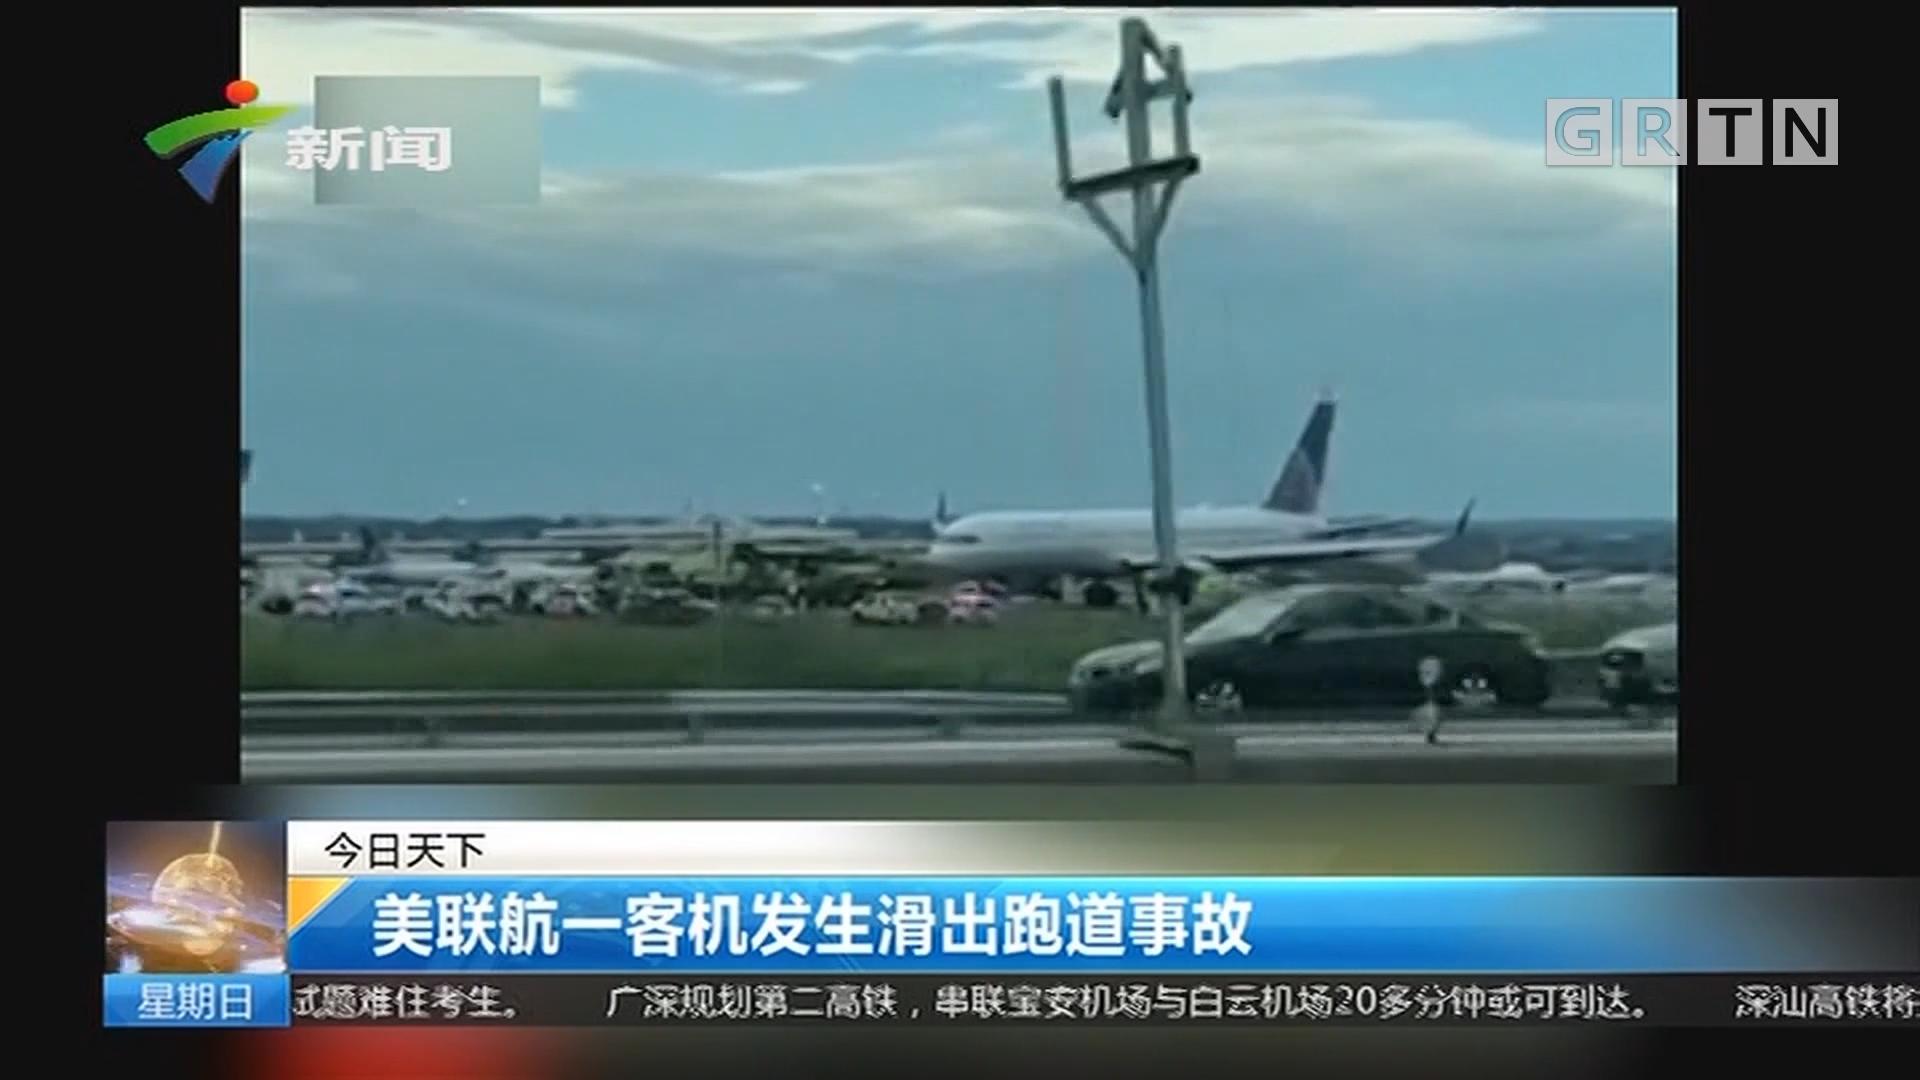 美联航一客机发生滑出跑道事故